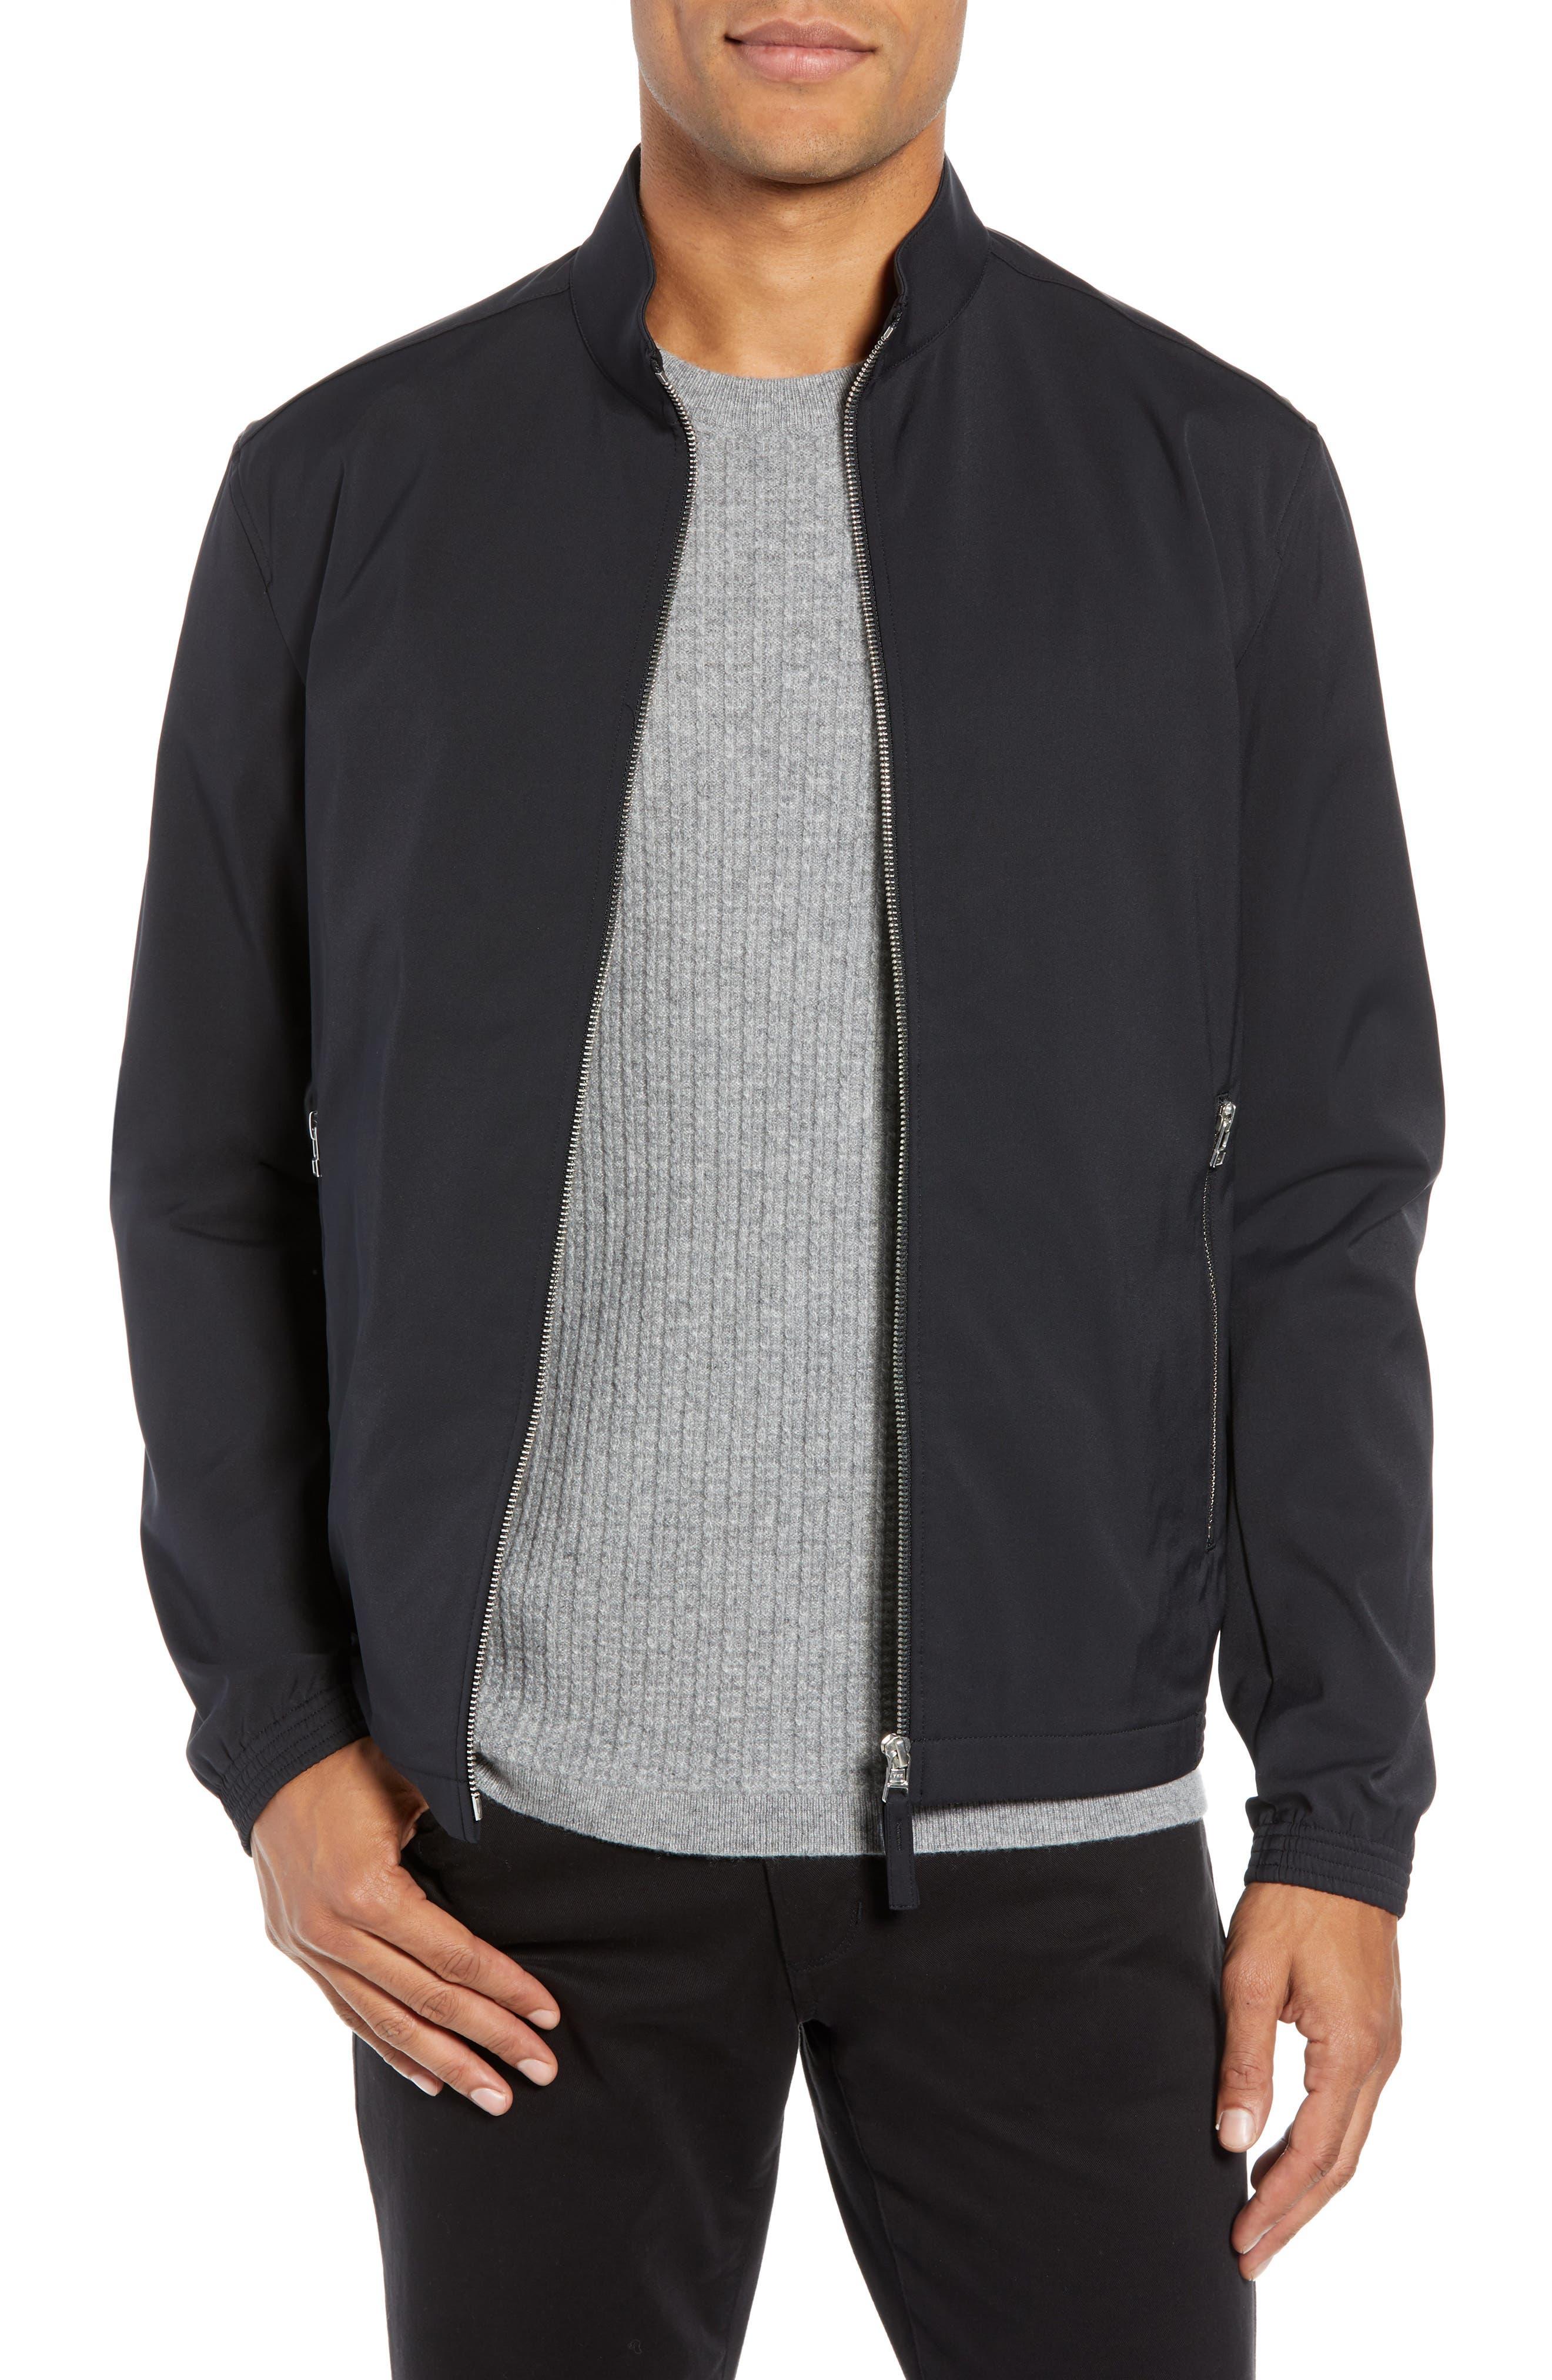 Tremont Neoteric Regular Fit Jacket,                         Main,                         color, BLACK